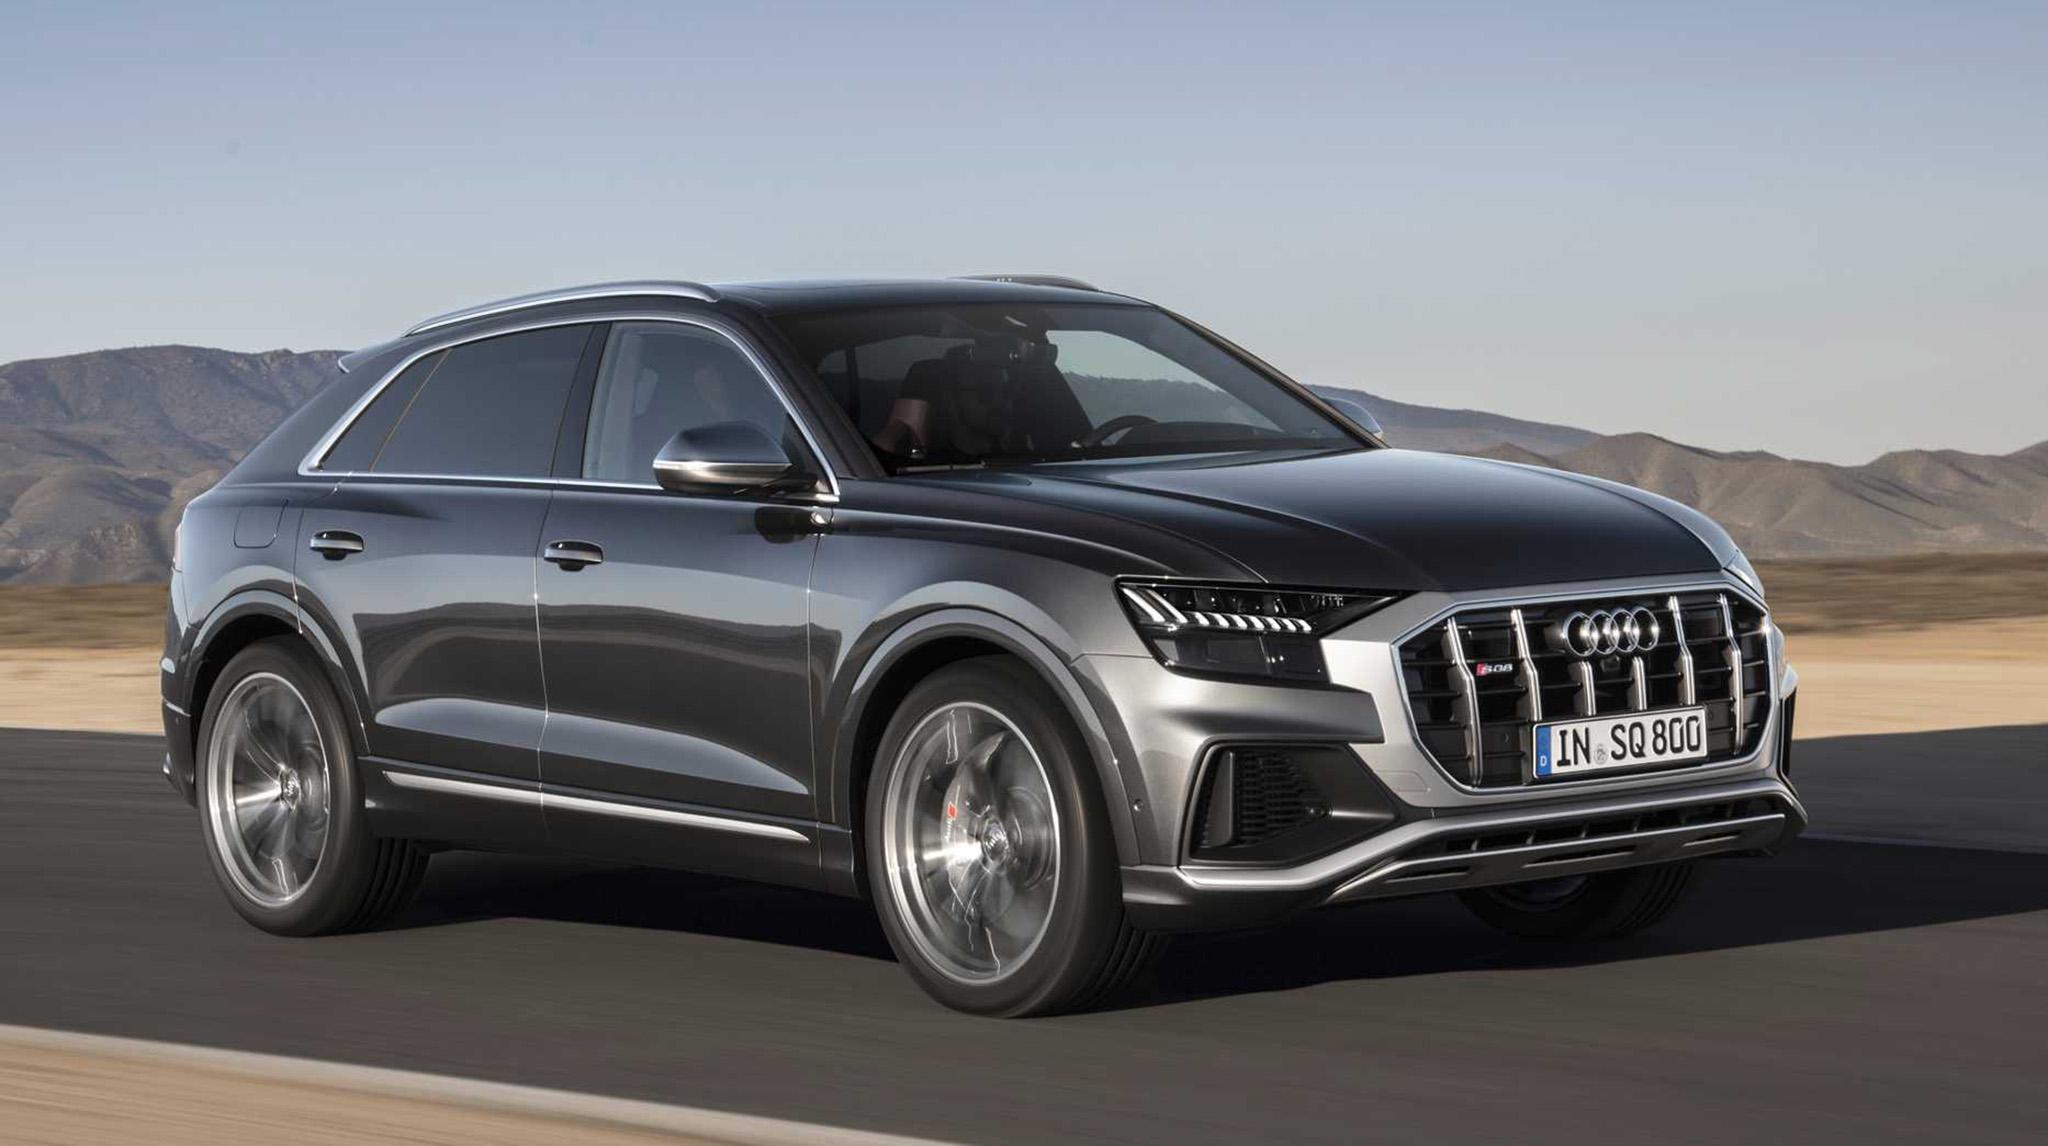 Audi SQ8 ra mắt: SUV thể thao cho tín đồ đam mê xe hiệu suất cao